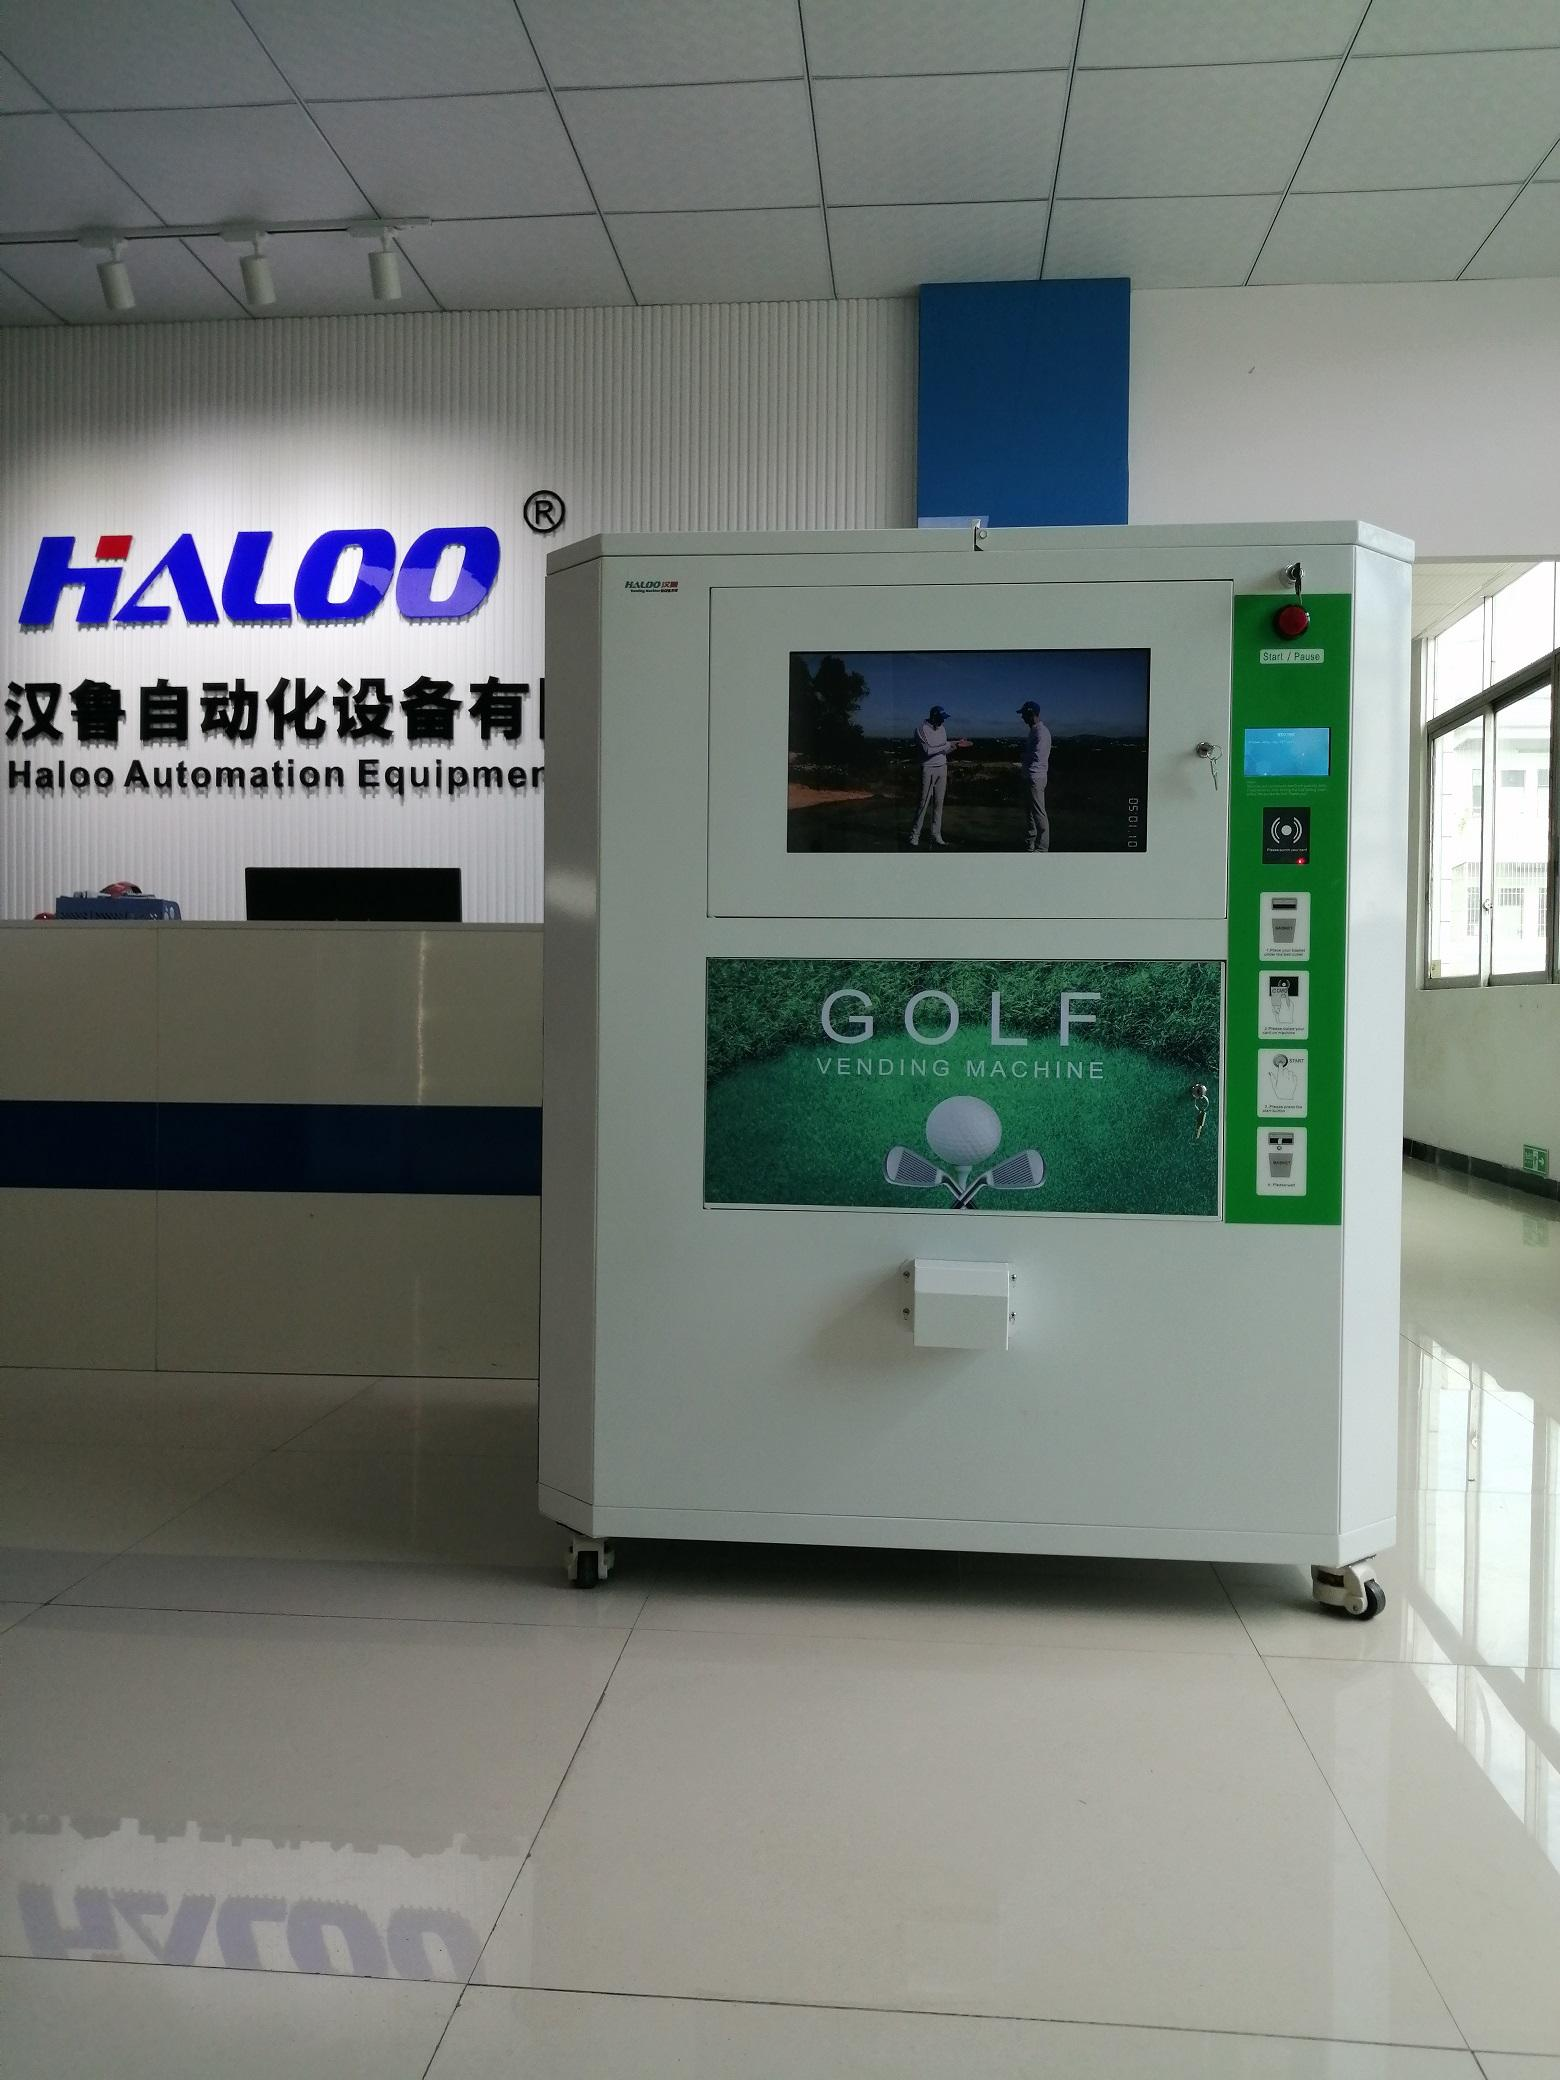 Commercial golf ball dispenser for golf driving range